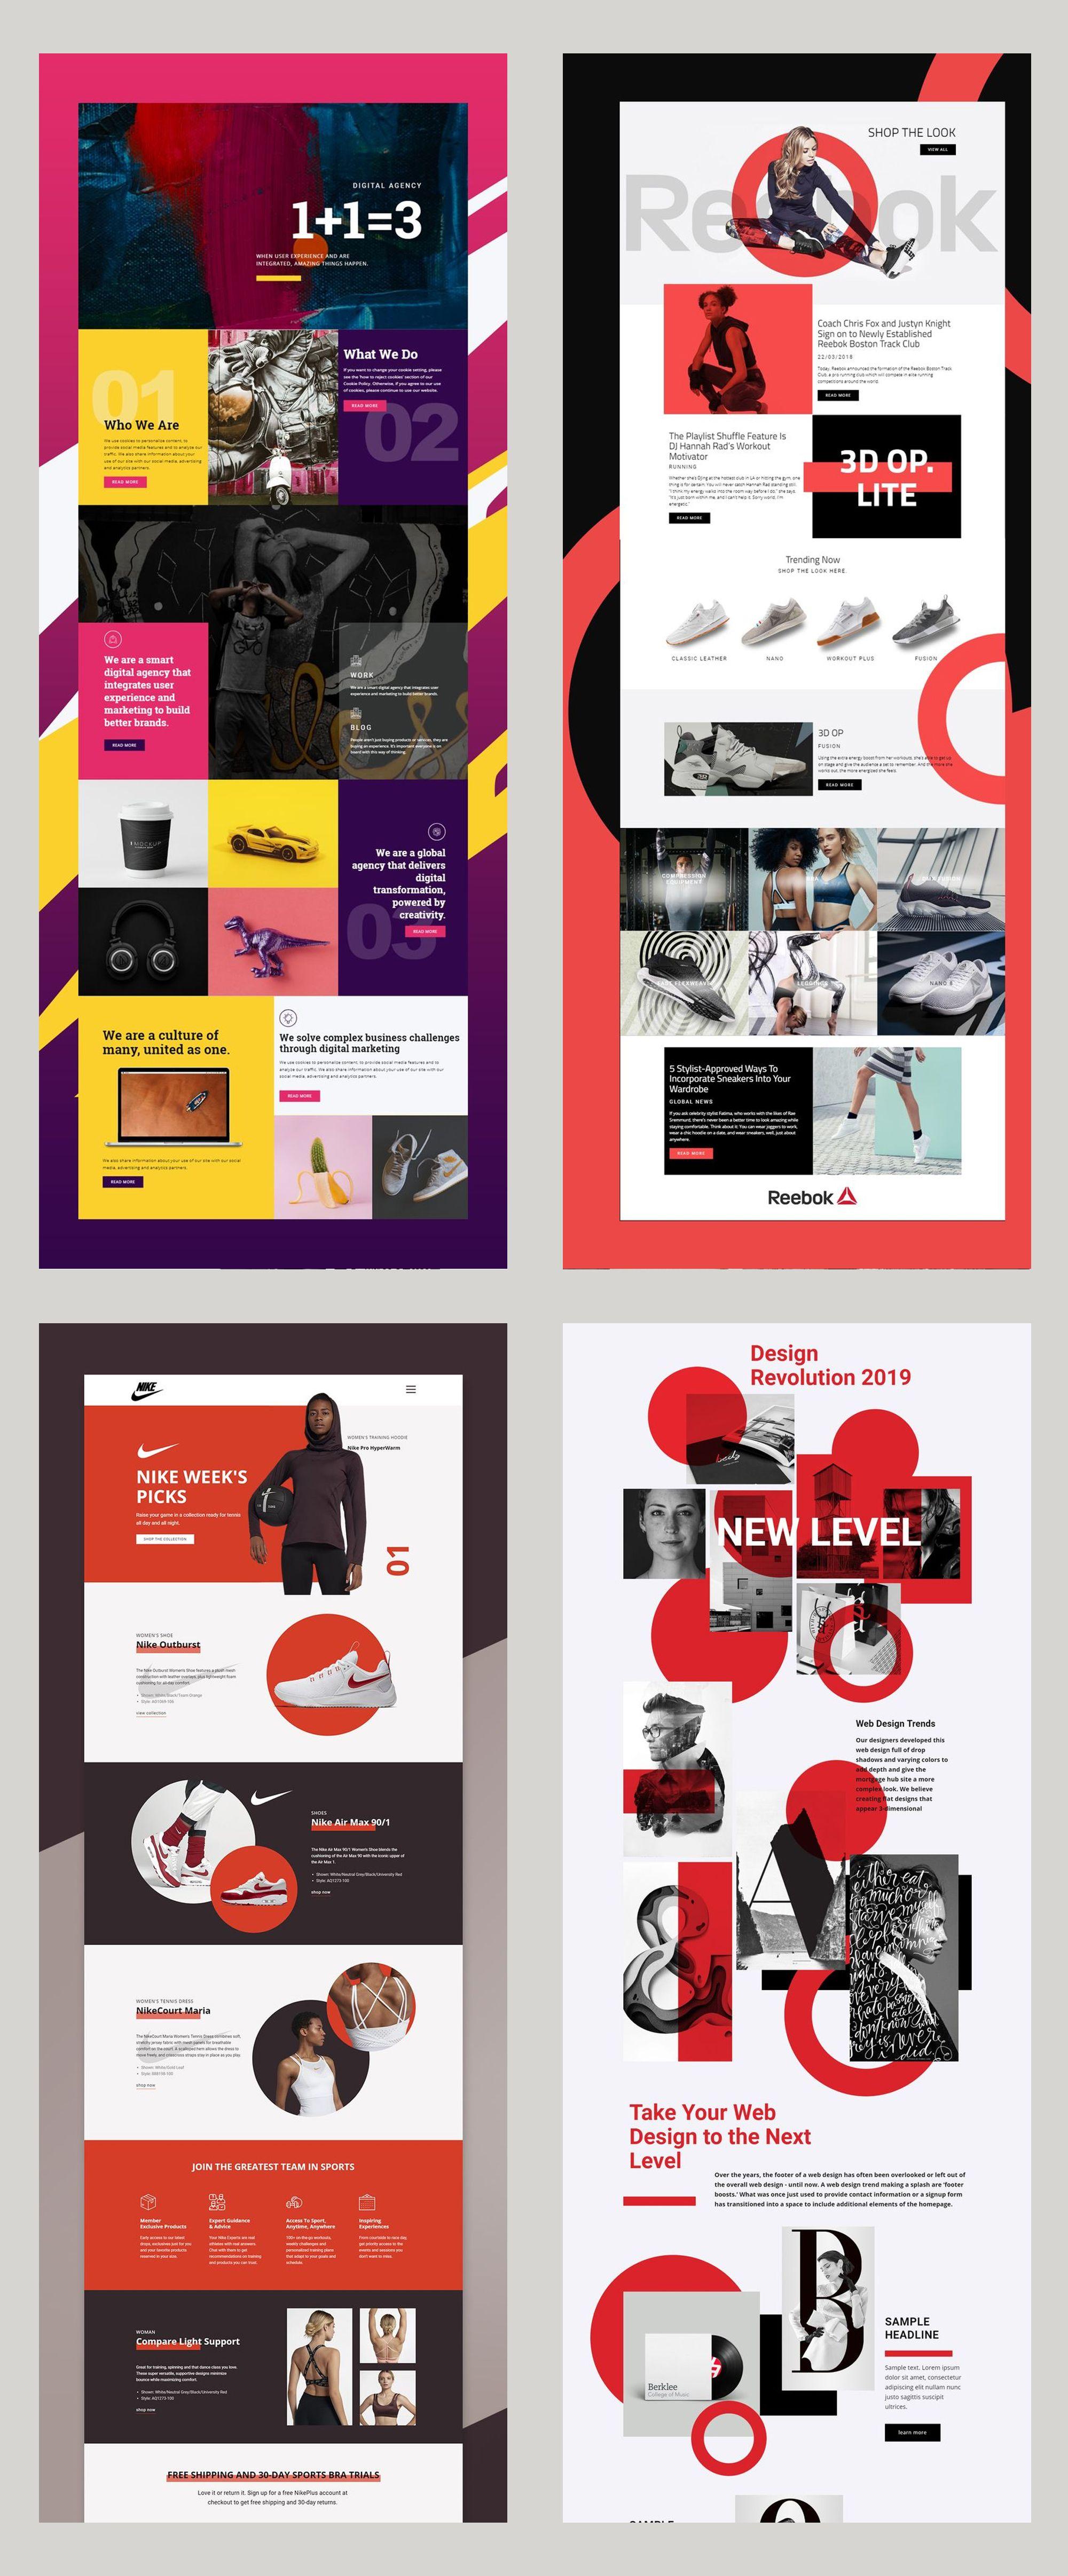 Free Templates By Nicepage Builder Diy Website Design Website Design Trends Amazing Website Designs